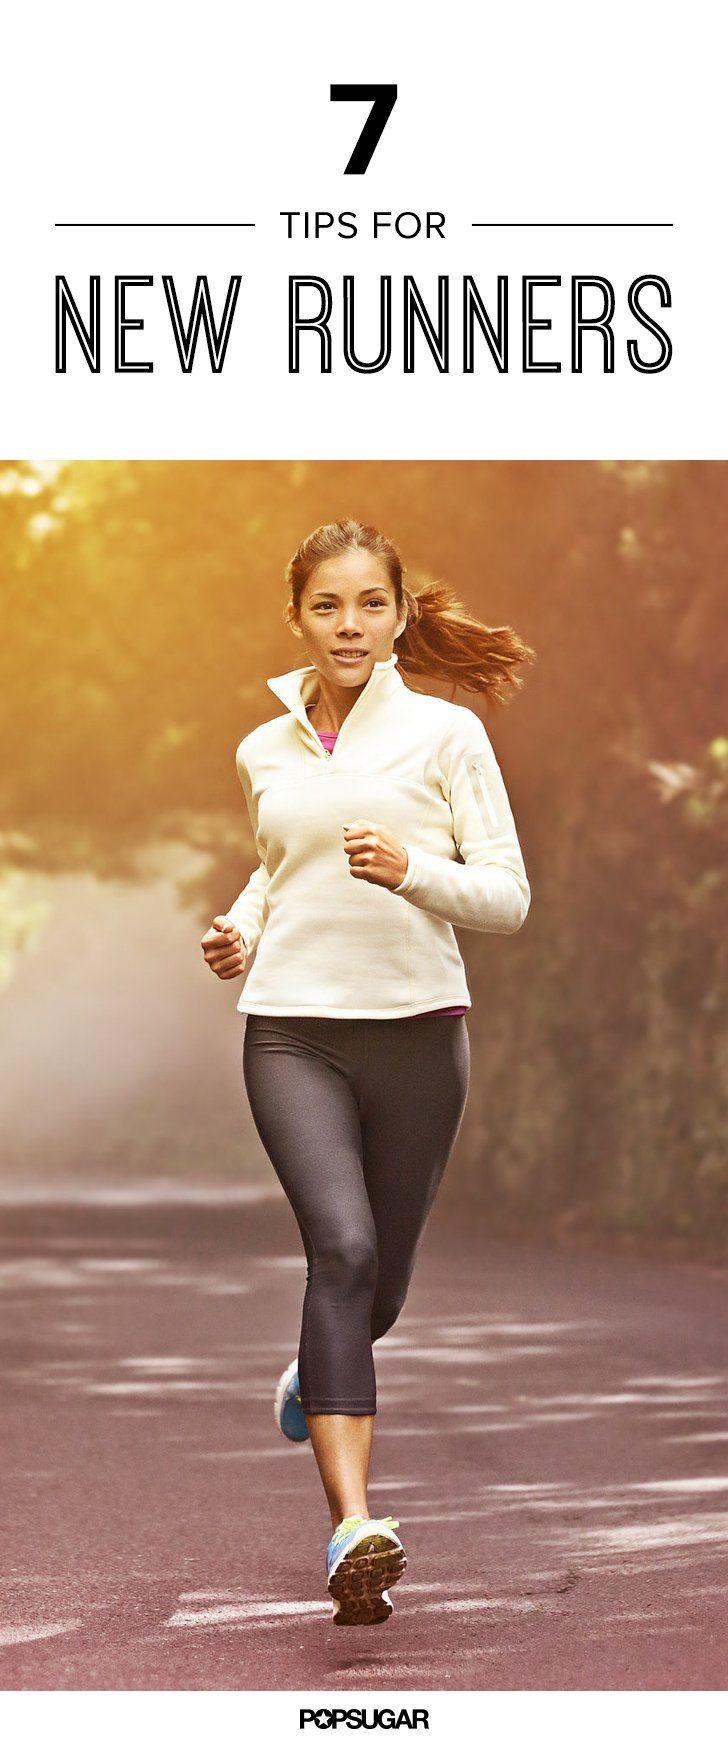 7 Ways to Run Like a Pro